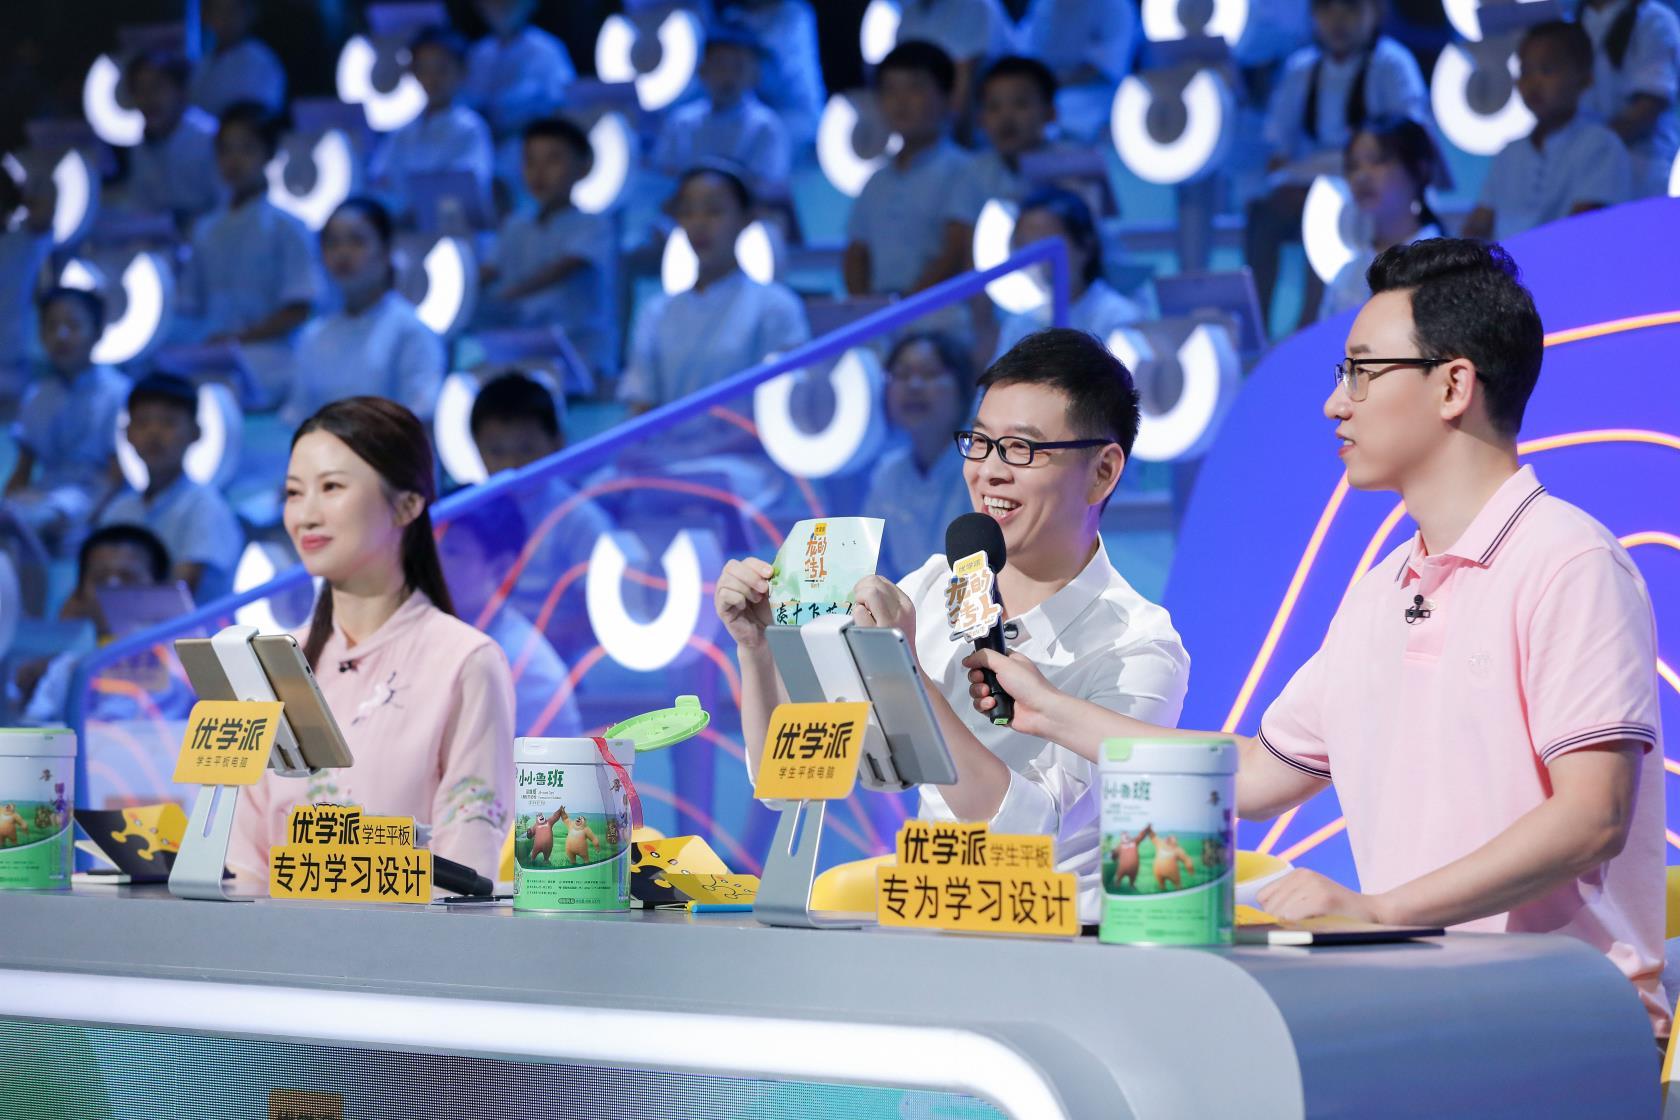 《龙的传人4》:原创飞花惊艳众人,全国总决赛直通名额究竟花落谁家?